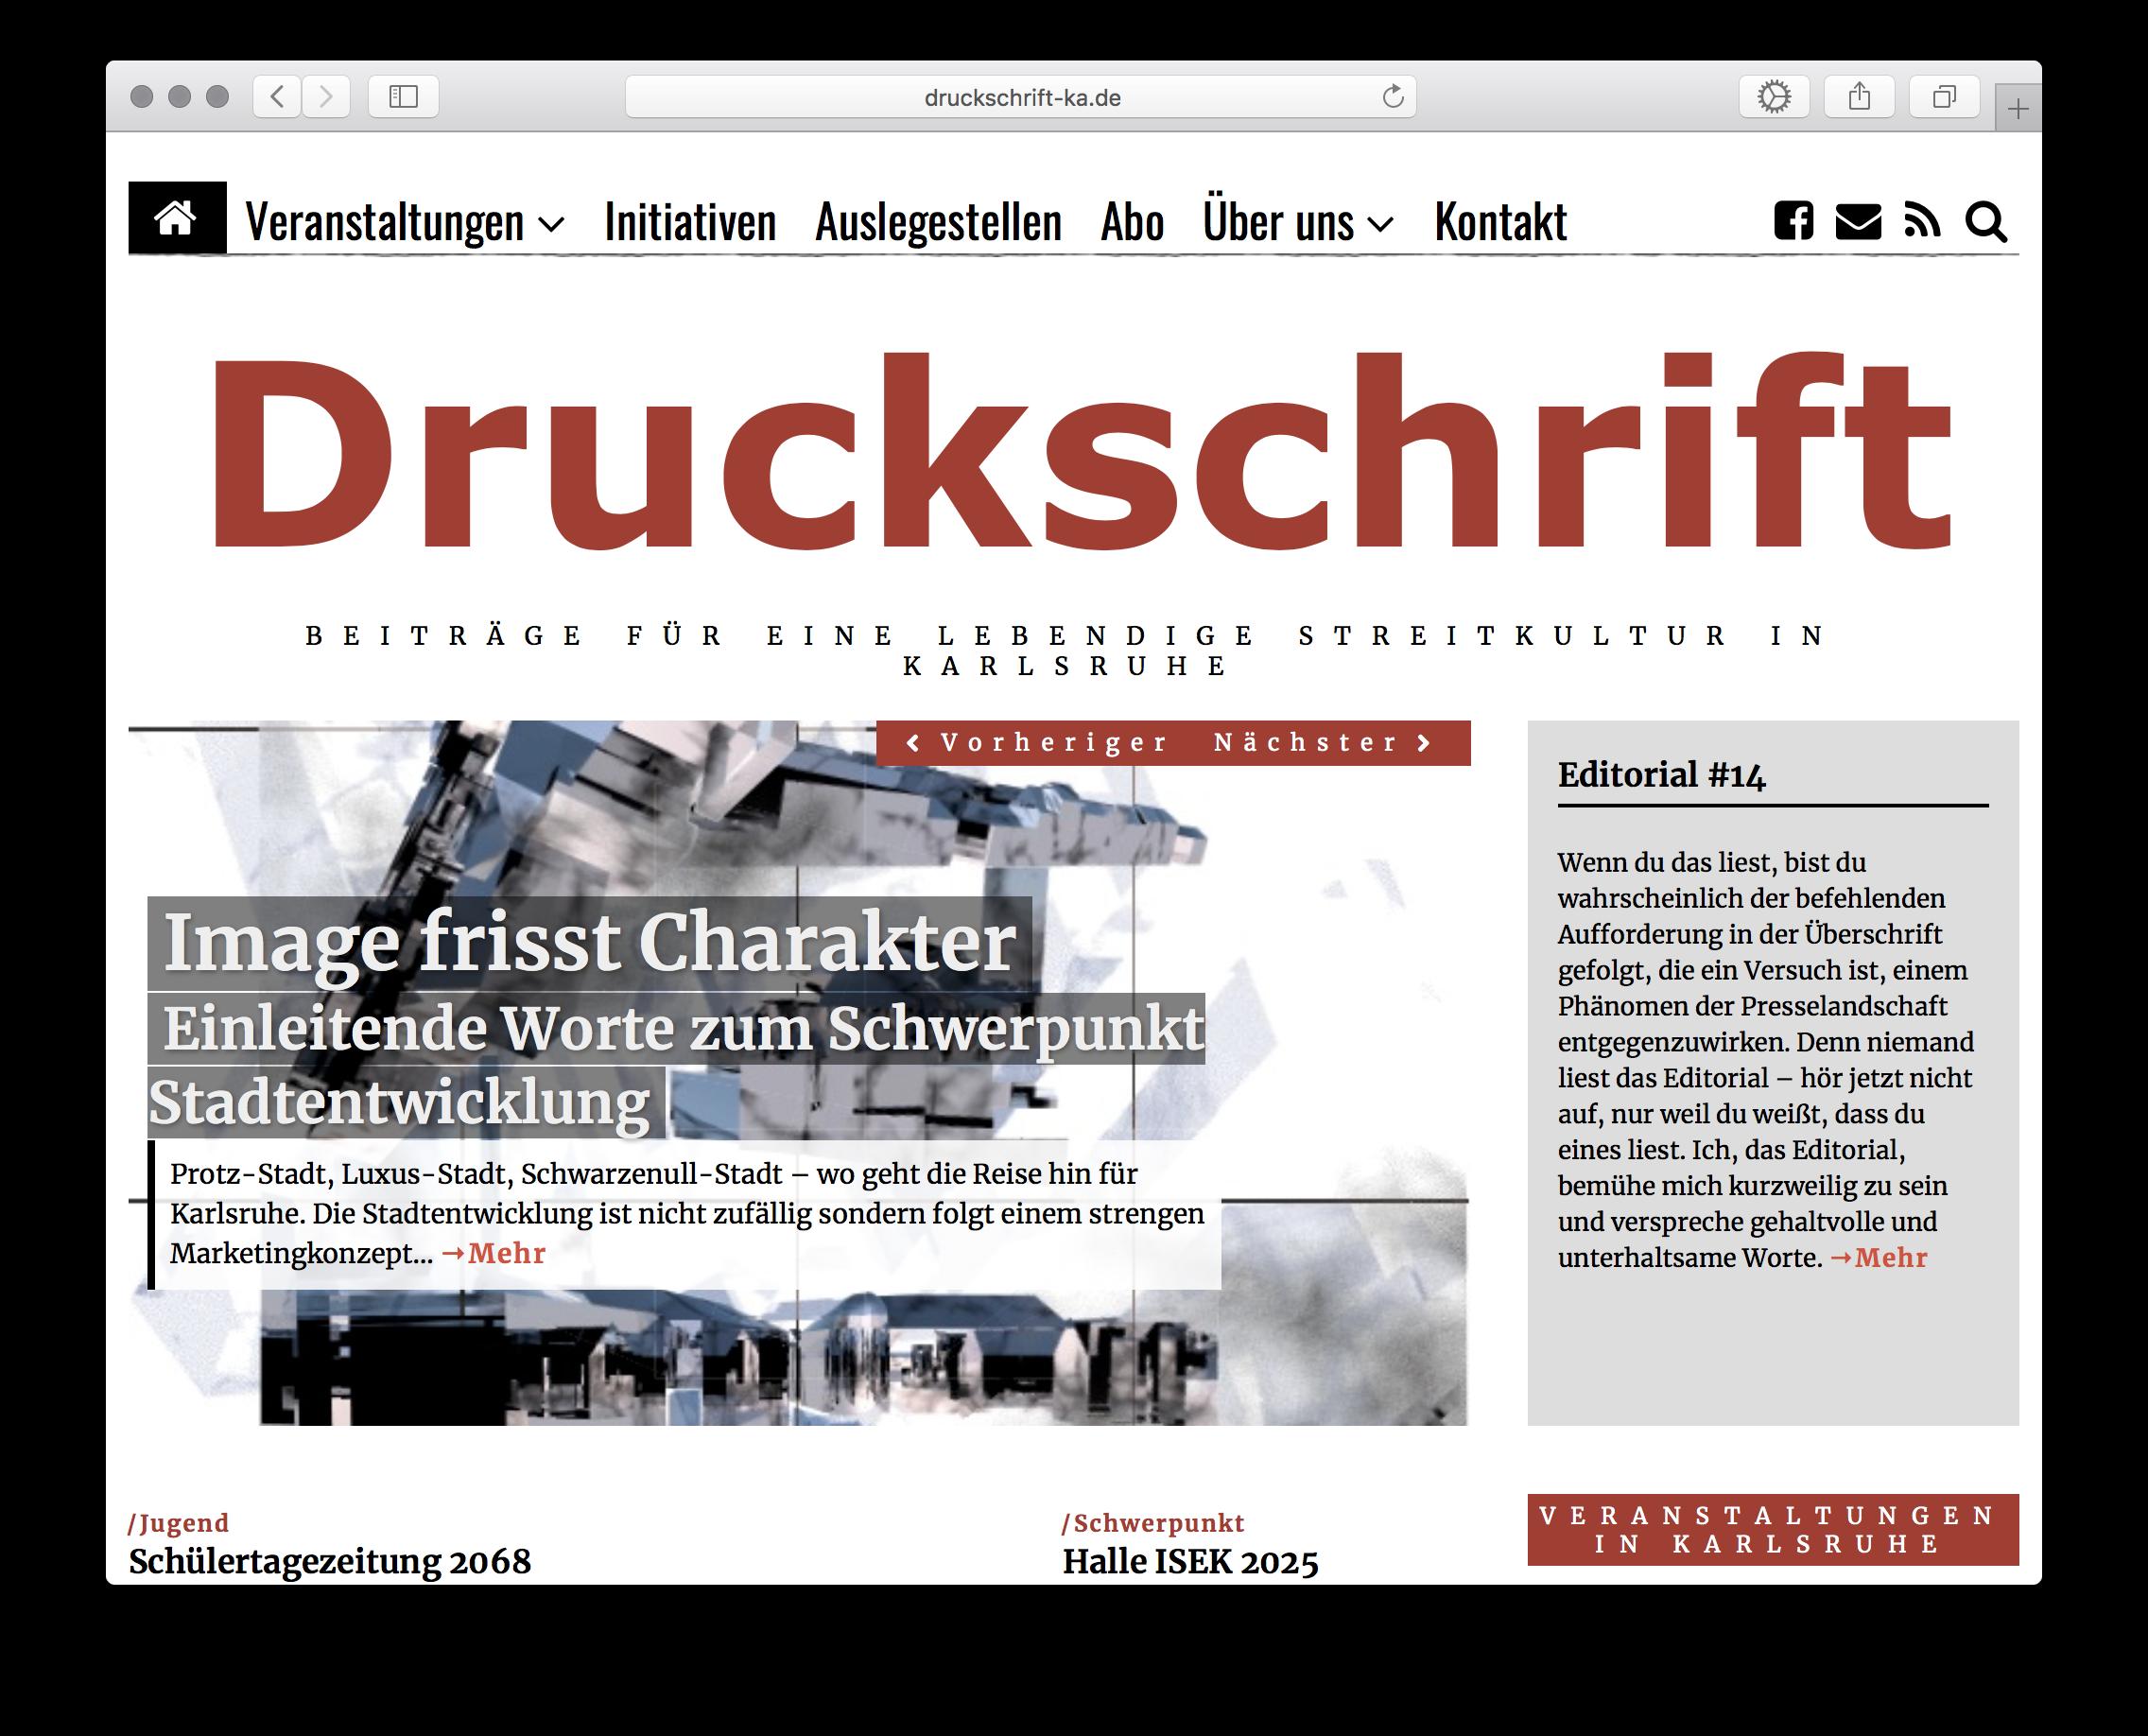 Druckschrift Karlsruhe